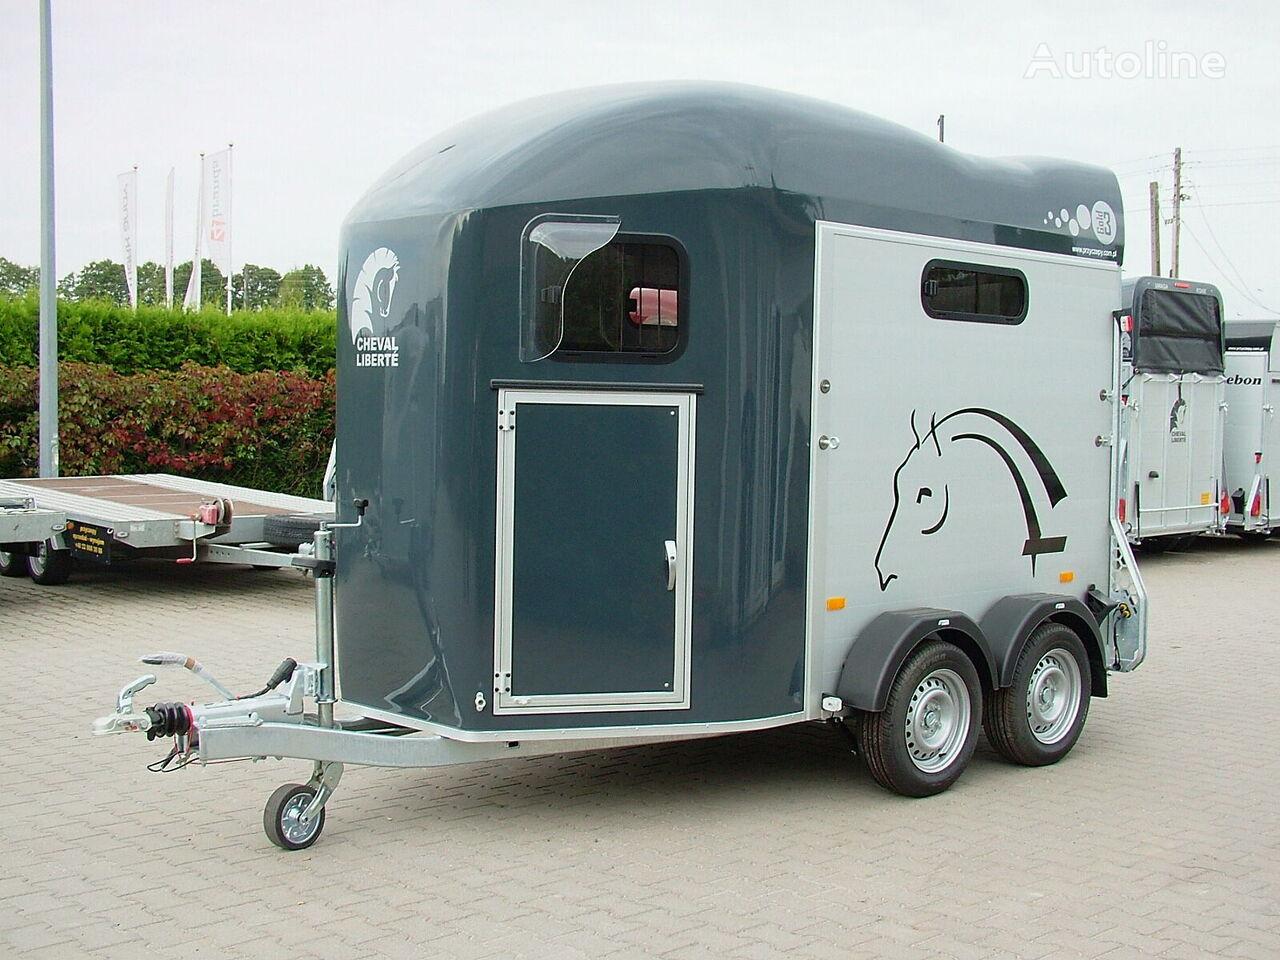 nieuw Cheval liberte Przyczepa dwukonna Przyczepa Aluminowa model GOLD lll paardenaanhangwagen